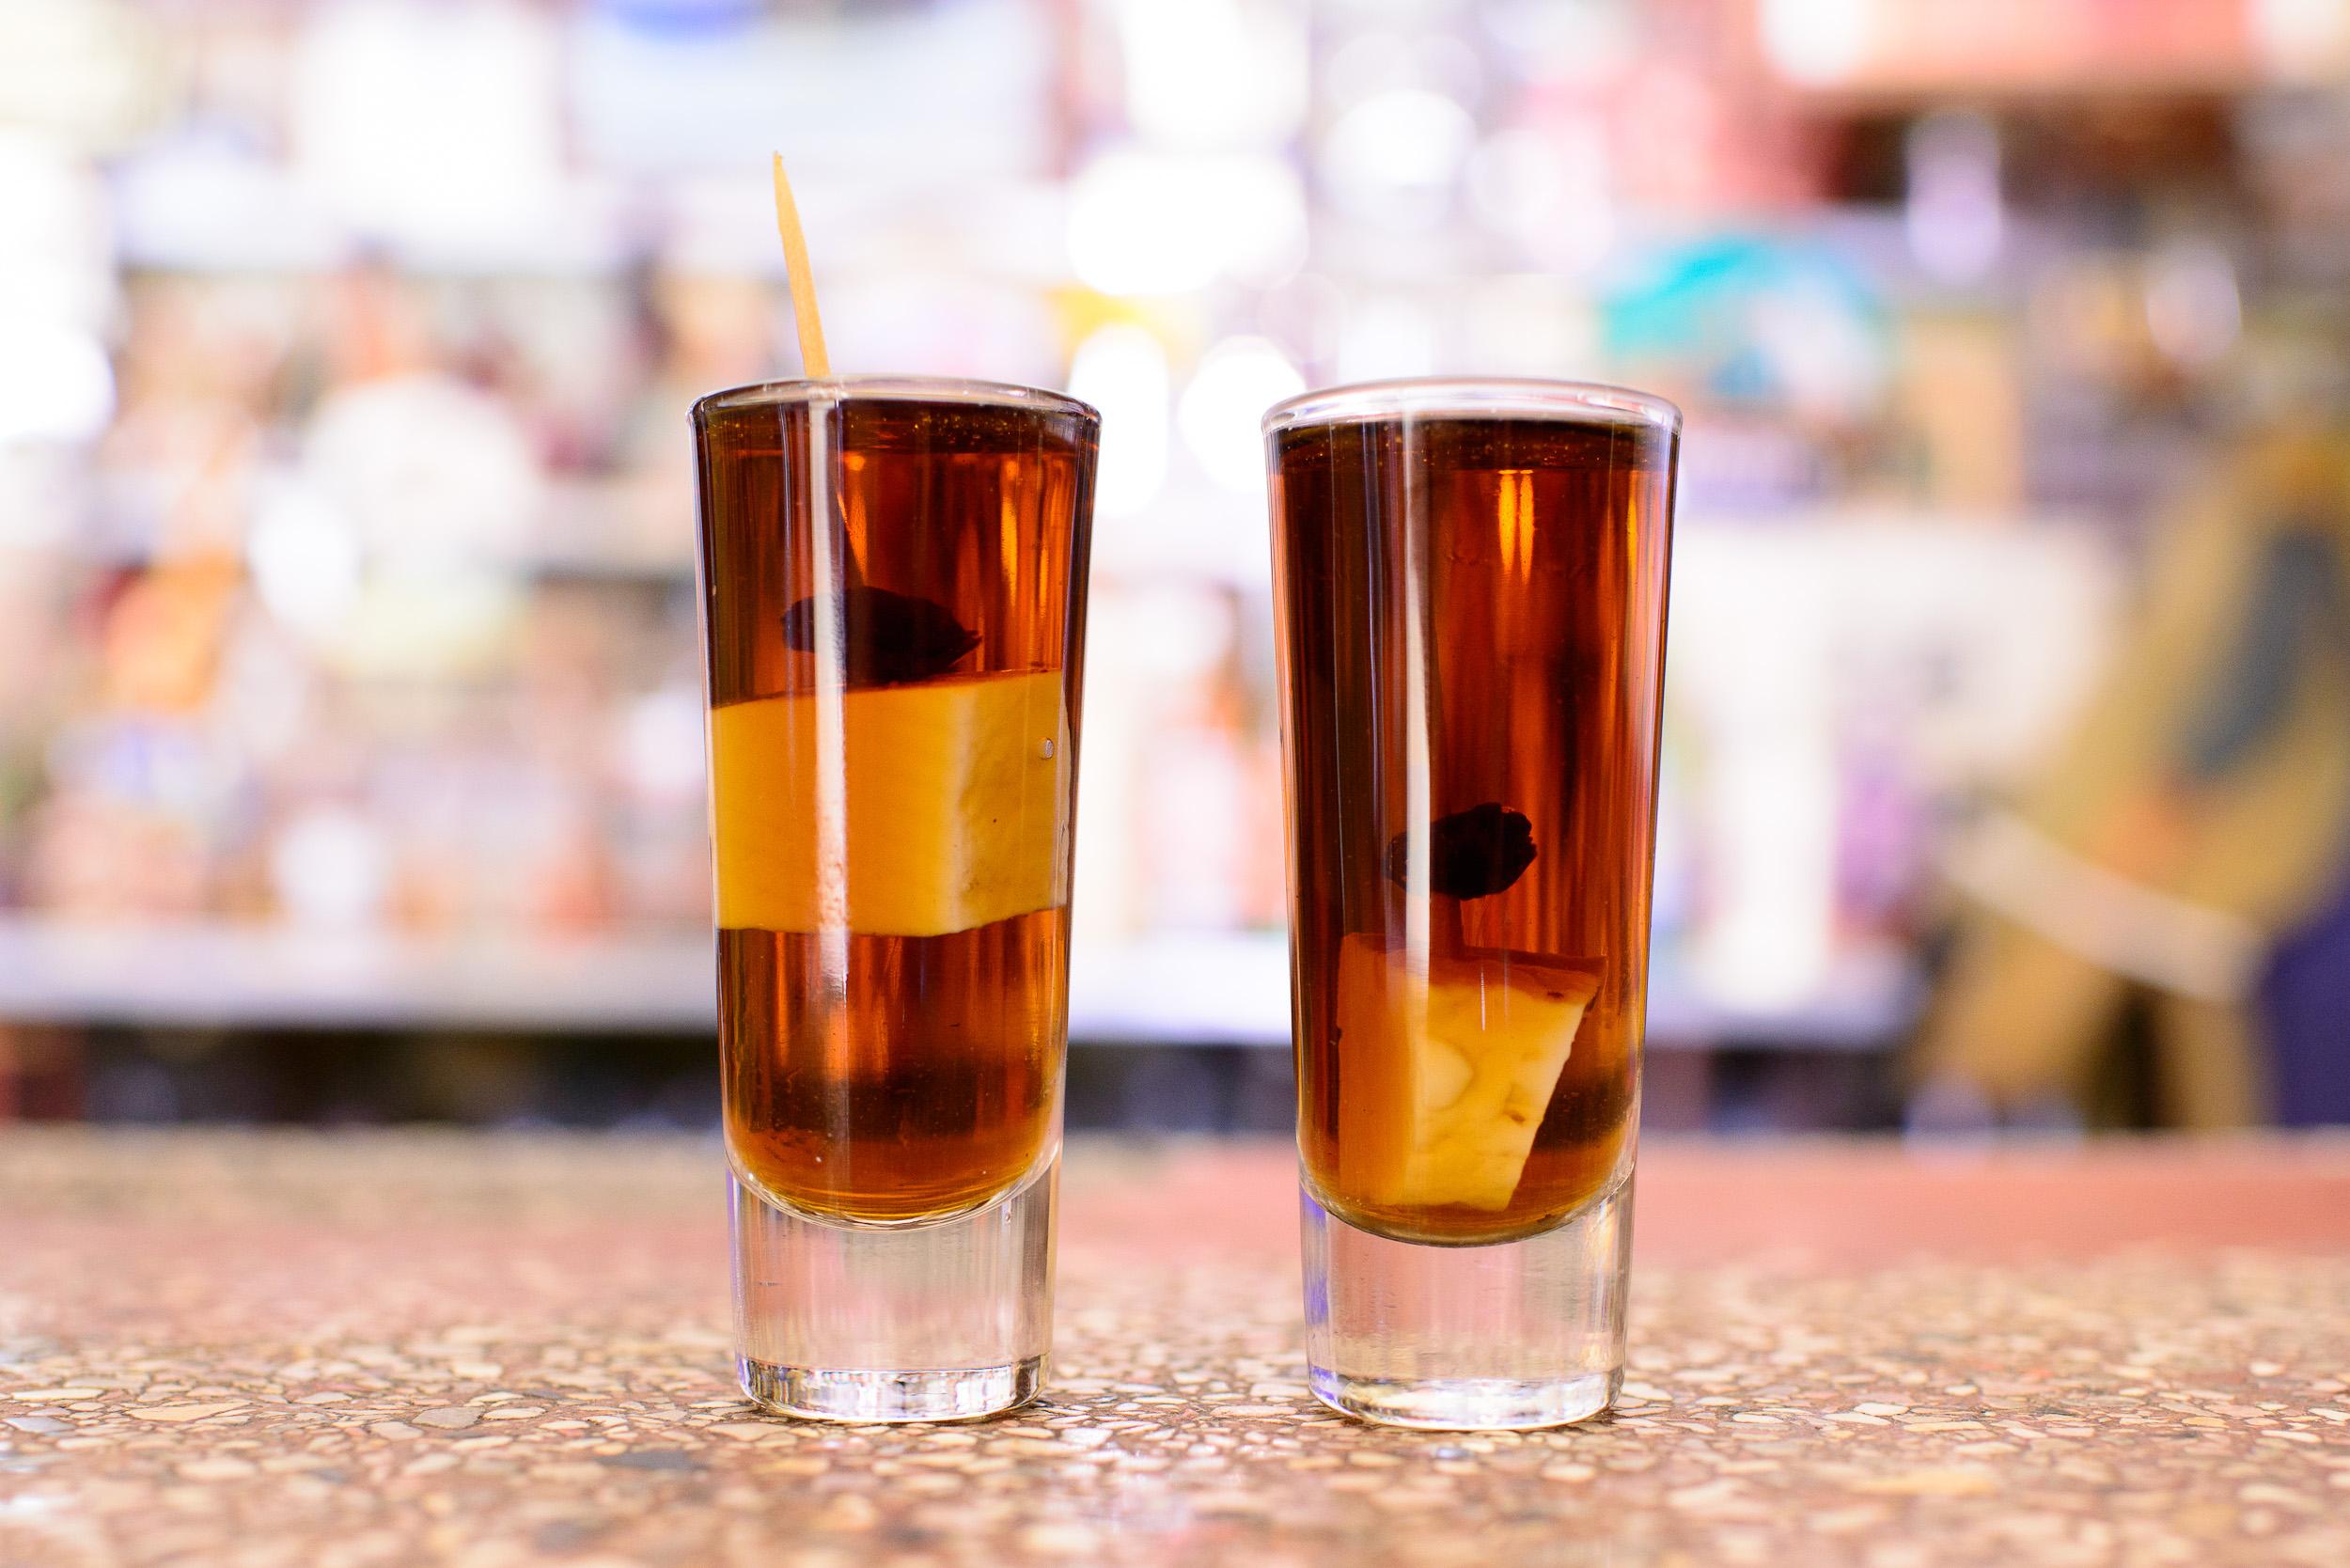 Licor de Pasita, Raisin liquor